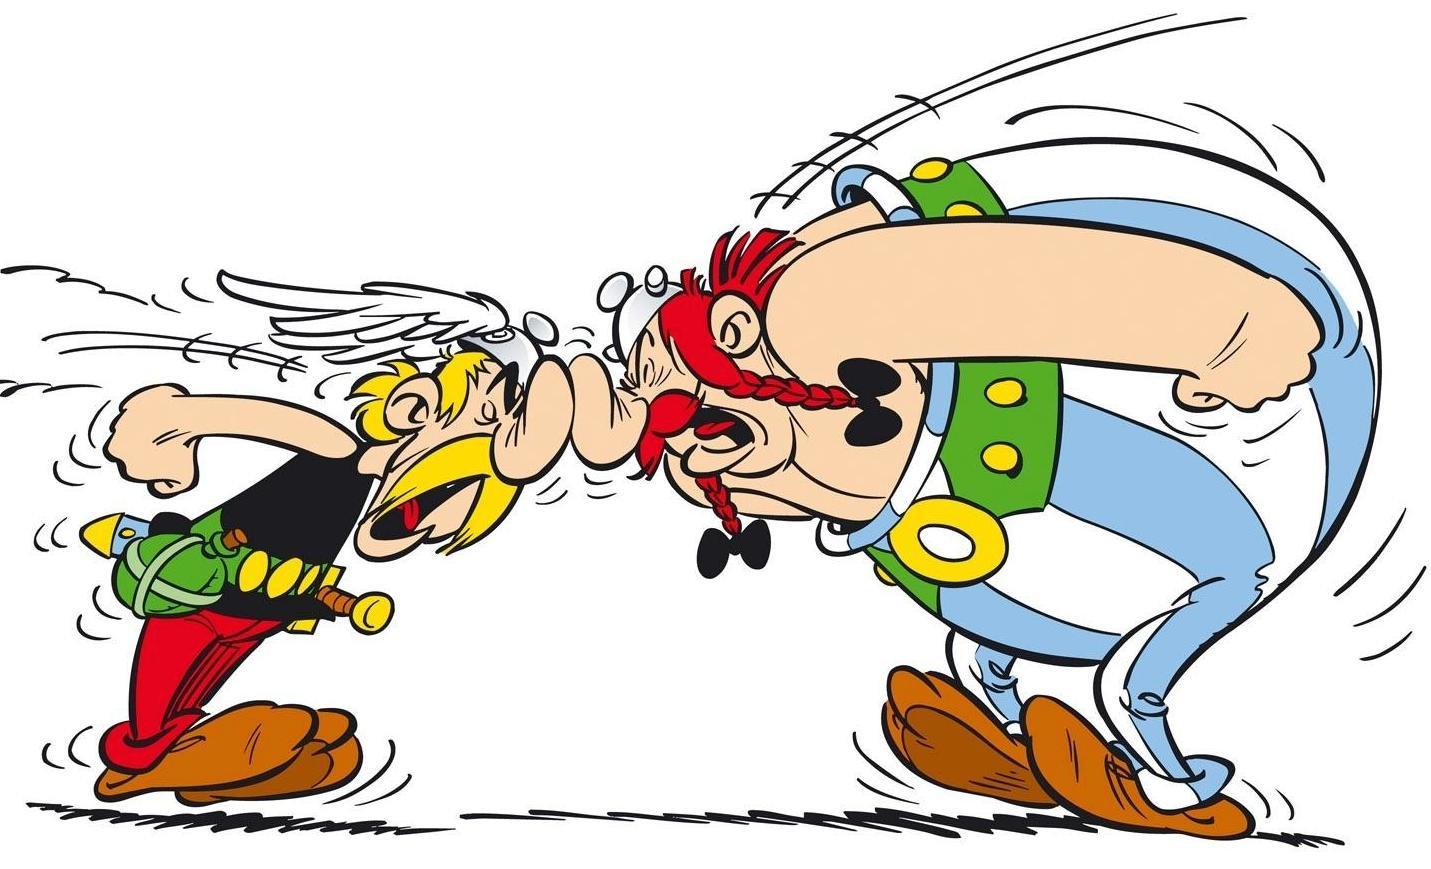 os-iconicos-personagens-asterix-e-obelix-1491421976253_v2_1597x918